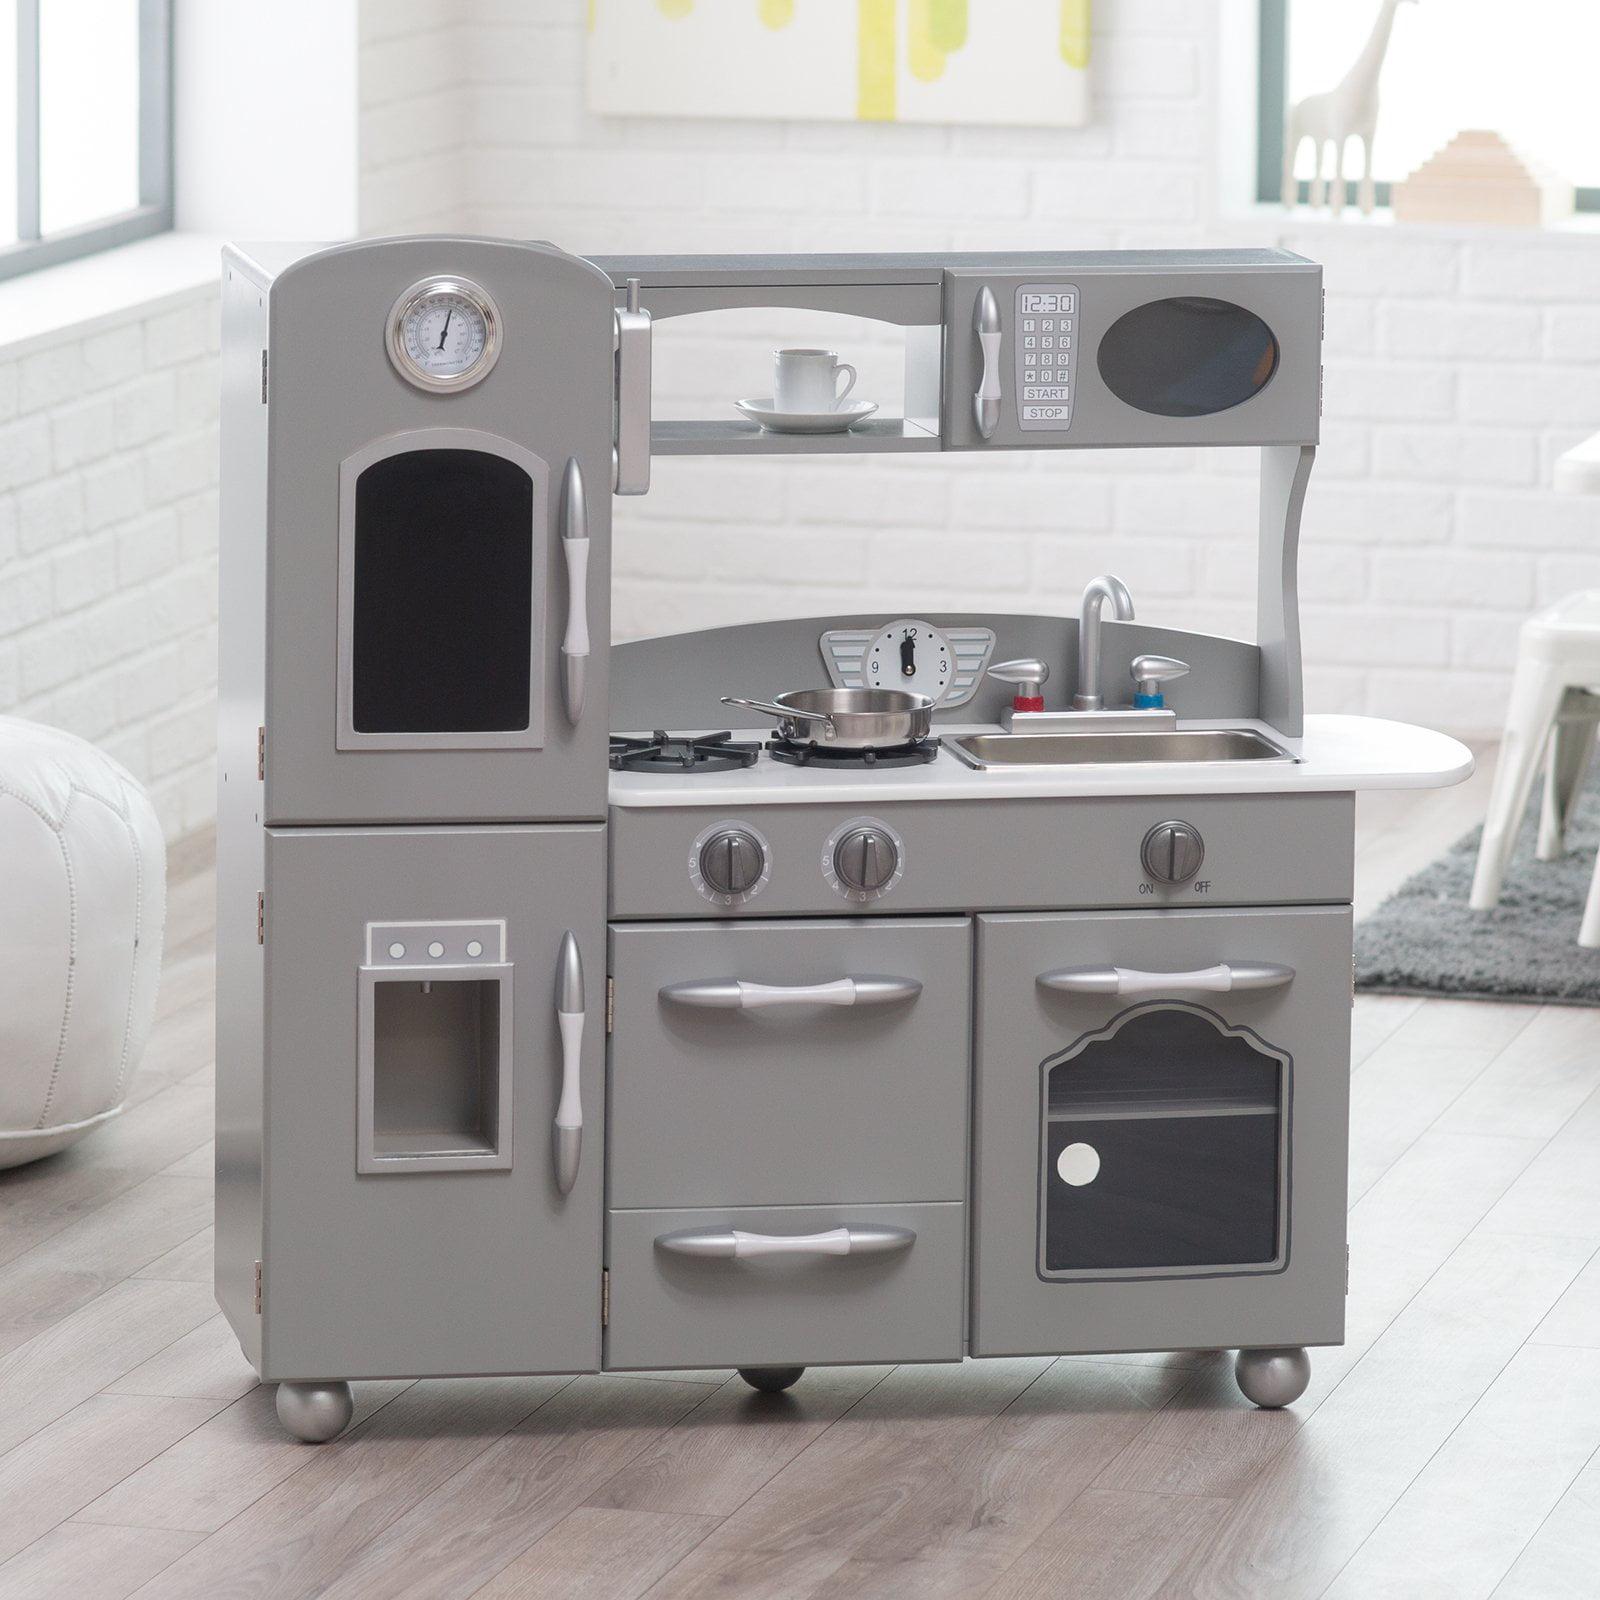 classic playtime gray wooden retro kitchen set walmartcom - Kids Kitchen